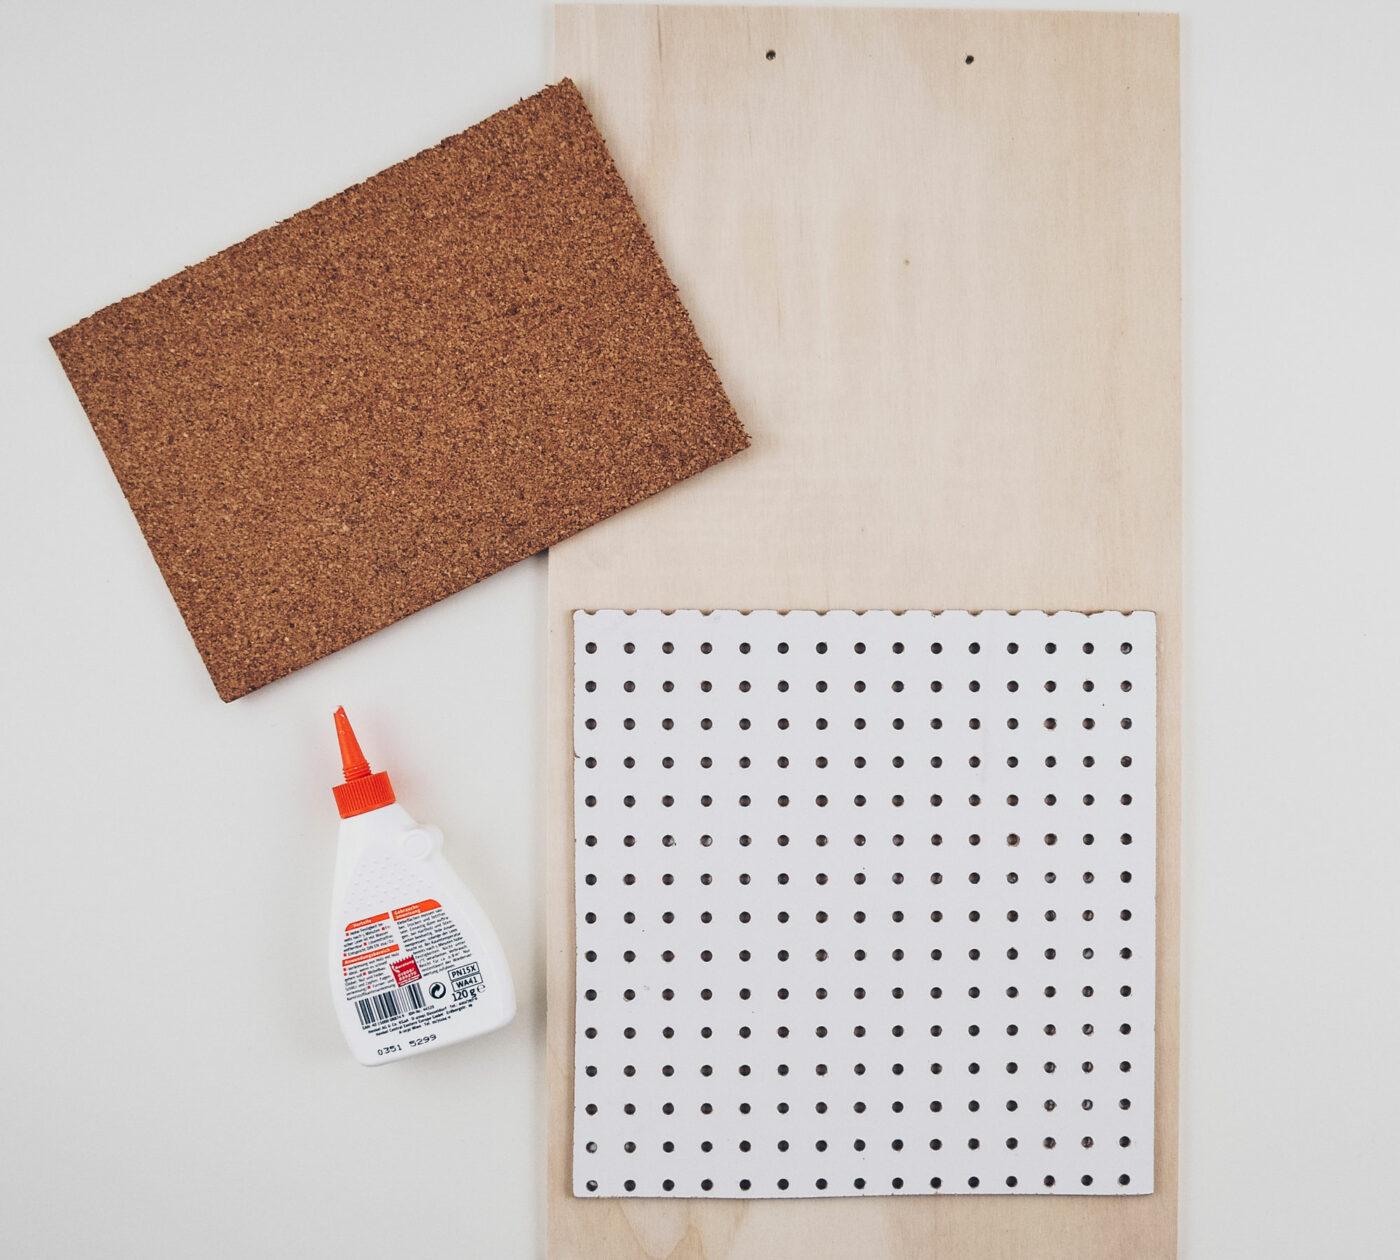 DIY-Wandorganizer: Bauanleitung für mehr Ordnung auf dem Schreibtisch // HIMBEER